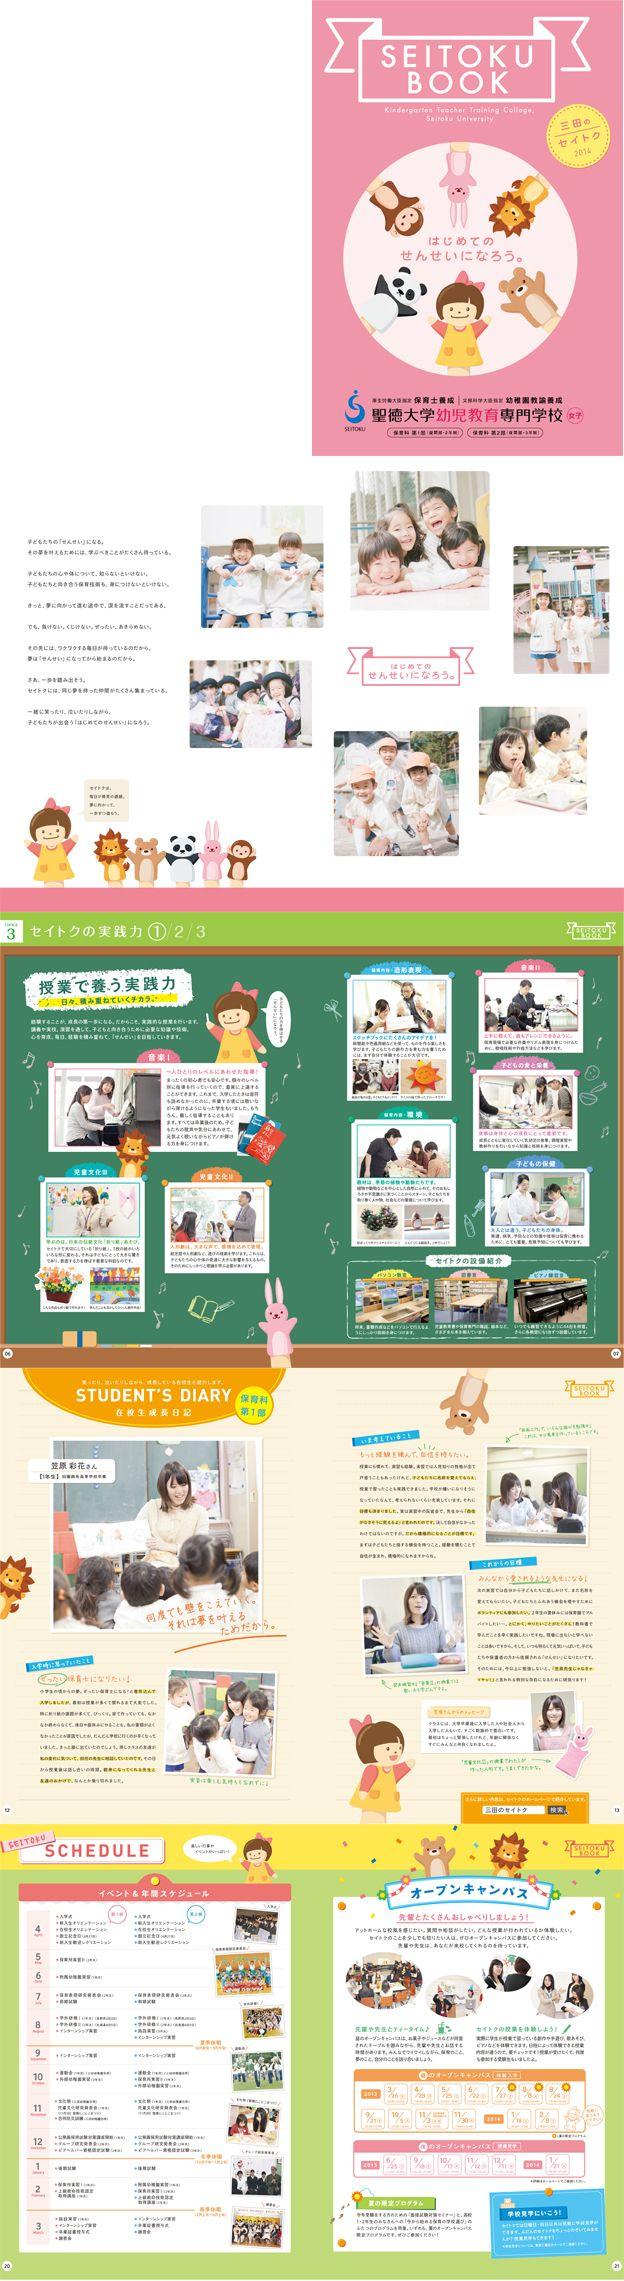 聖徳大学幼児教育専門学校、学校案内2013